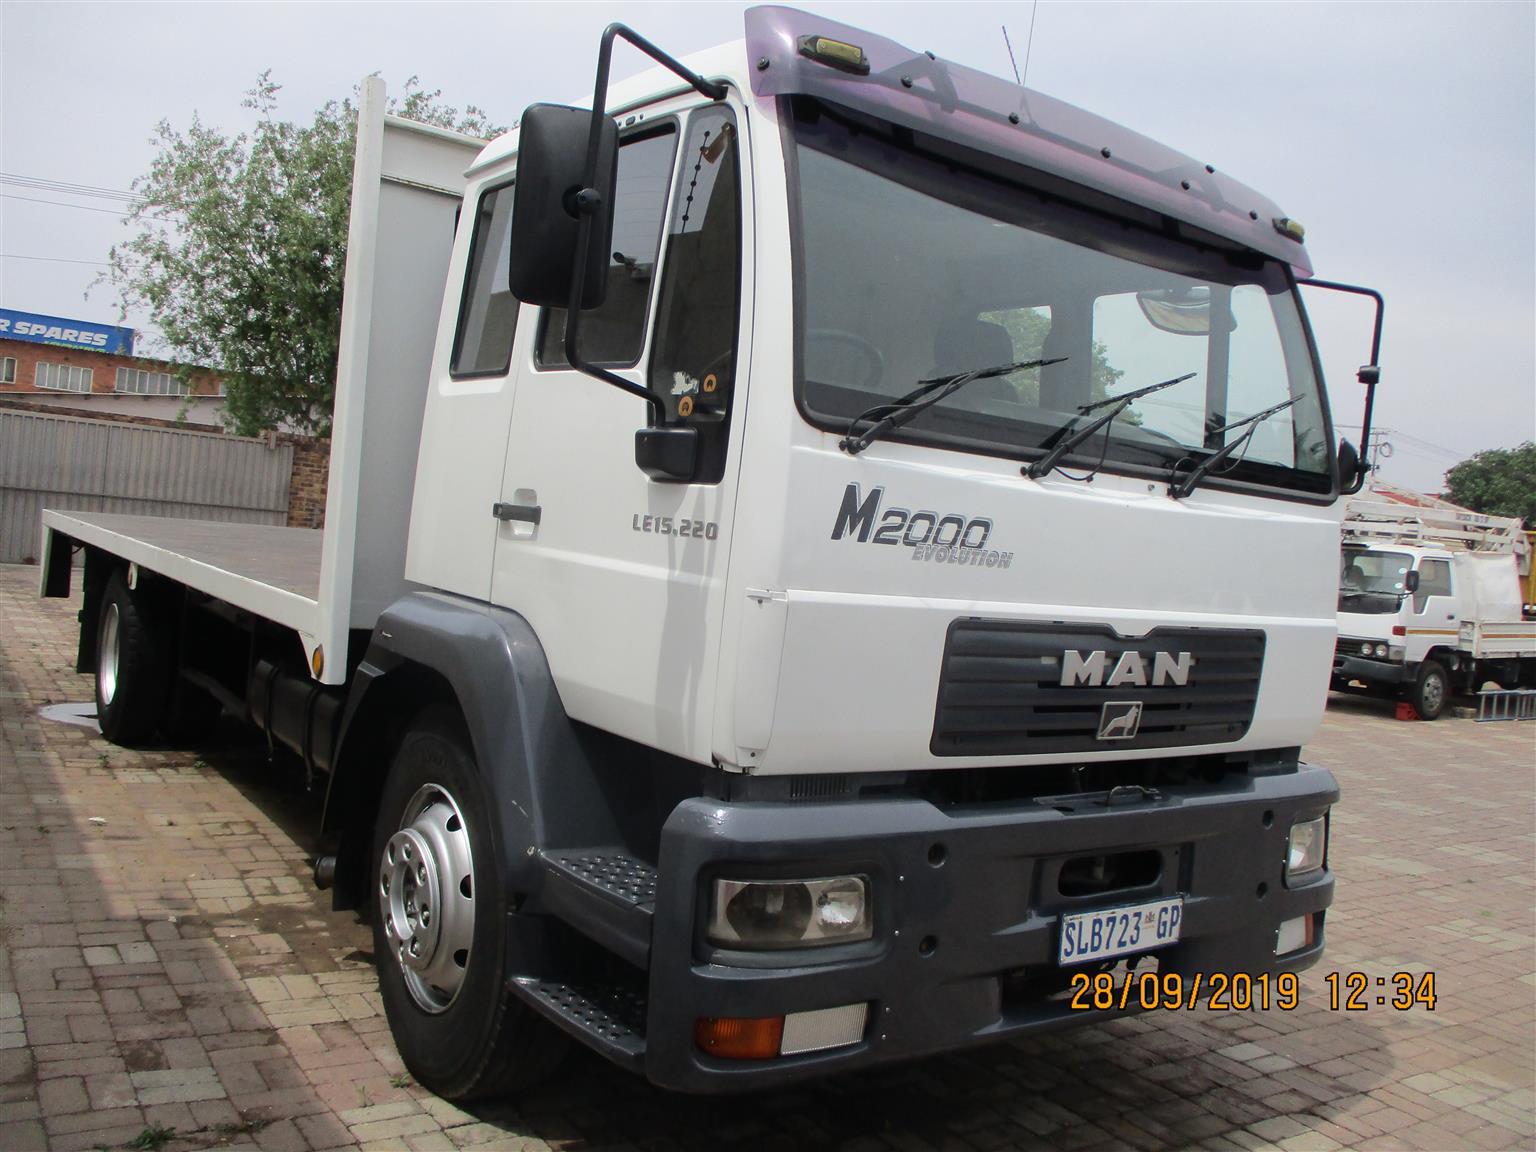 Diesel Trucks For Sale Near Me >> Man Diesel Truck For Sale Junk Mail